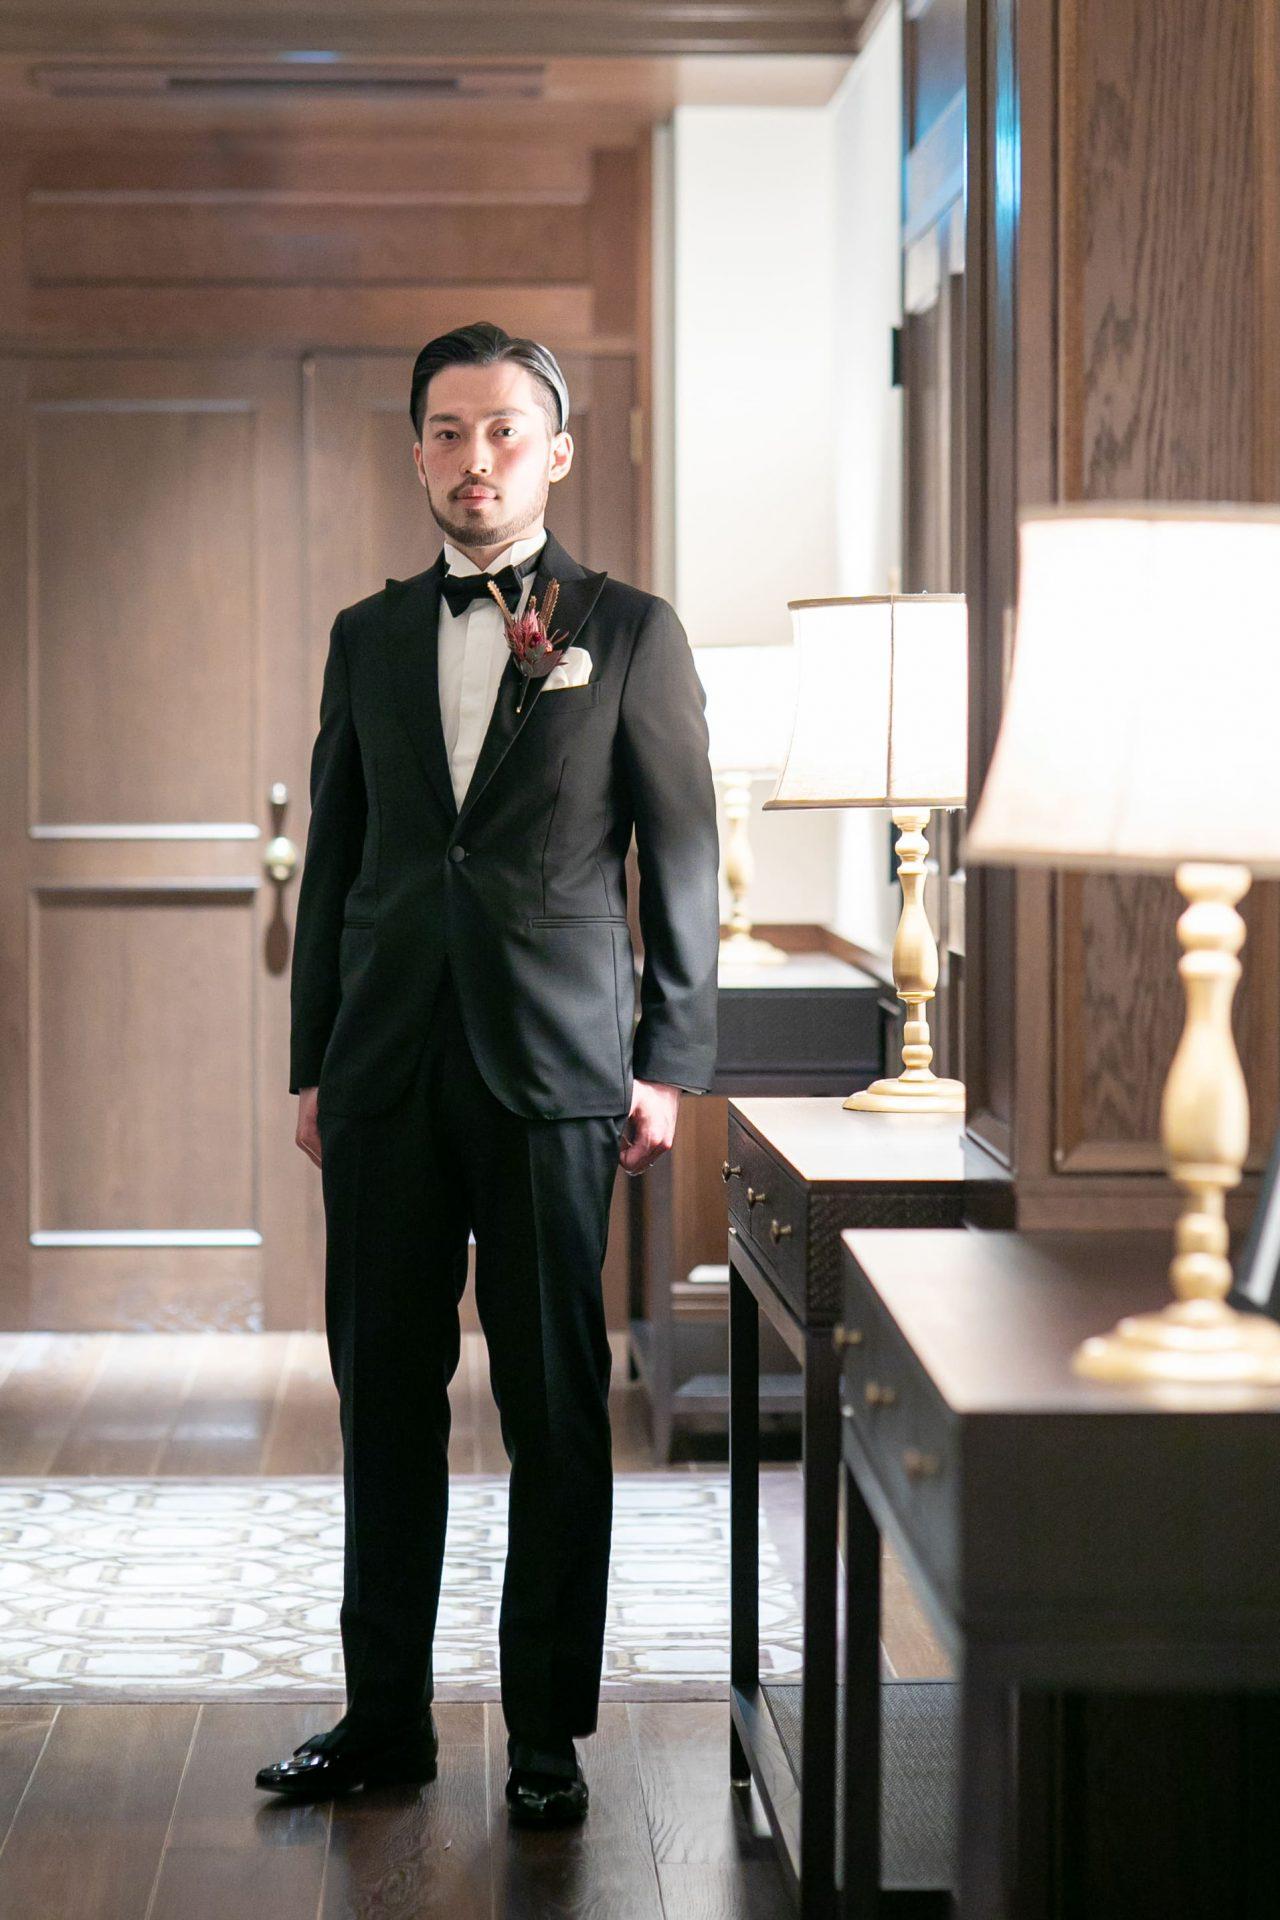 ザトリートドレッシング名古屋店よりクラシカルスタイルをお好みのご新郎様におすすめのブラックタキシード